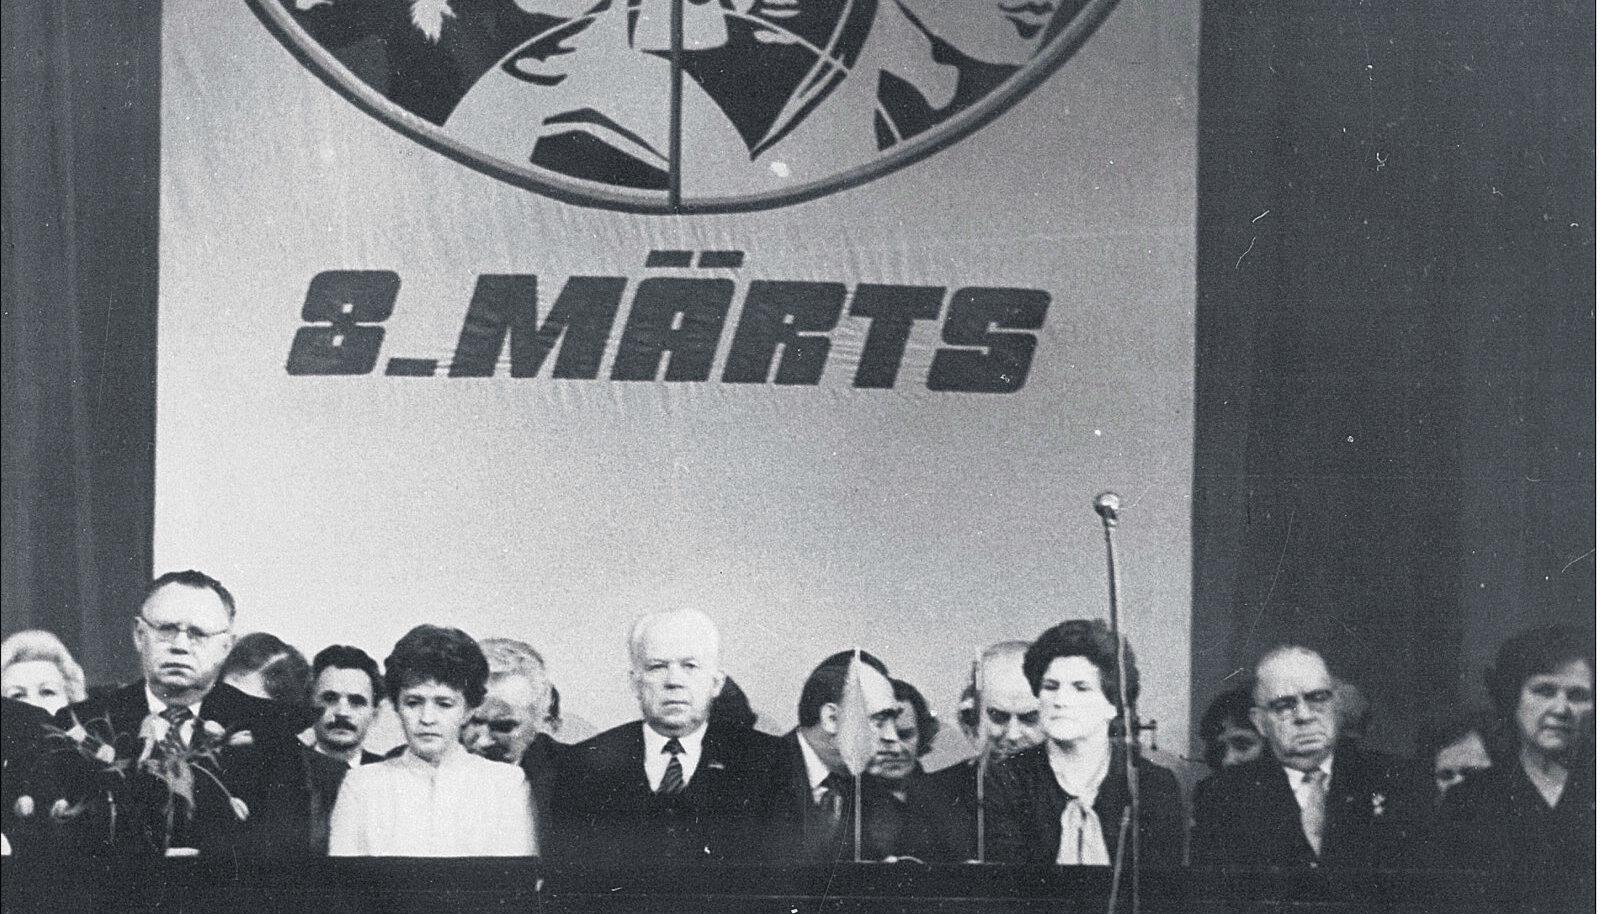 Pidulikult naistepäevale pühendatud aktuselt ei puudunud kunagi tähtsatest riigitegelastest  ja parteijuhtidest koosnev presiidium. 1982. aastal istusid presiidiumi esireas EKP Keskkomitee  esimene sekretär Karl Vaino, ENSV Ülemnõukogu presiidiumi esimehe